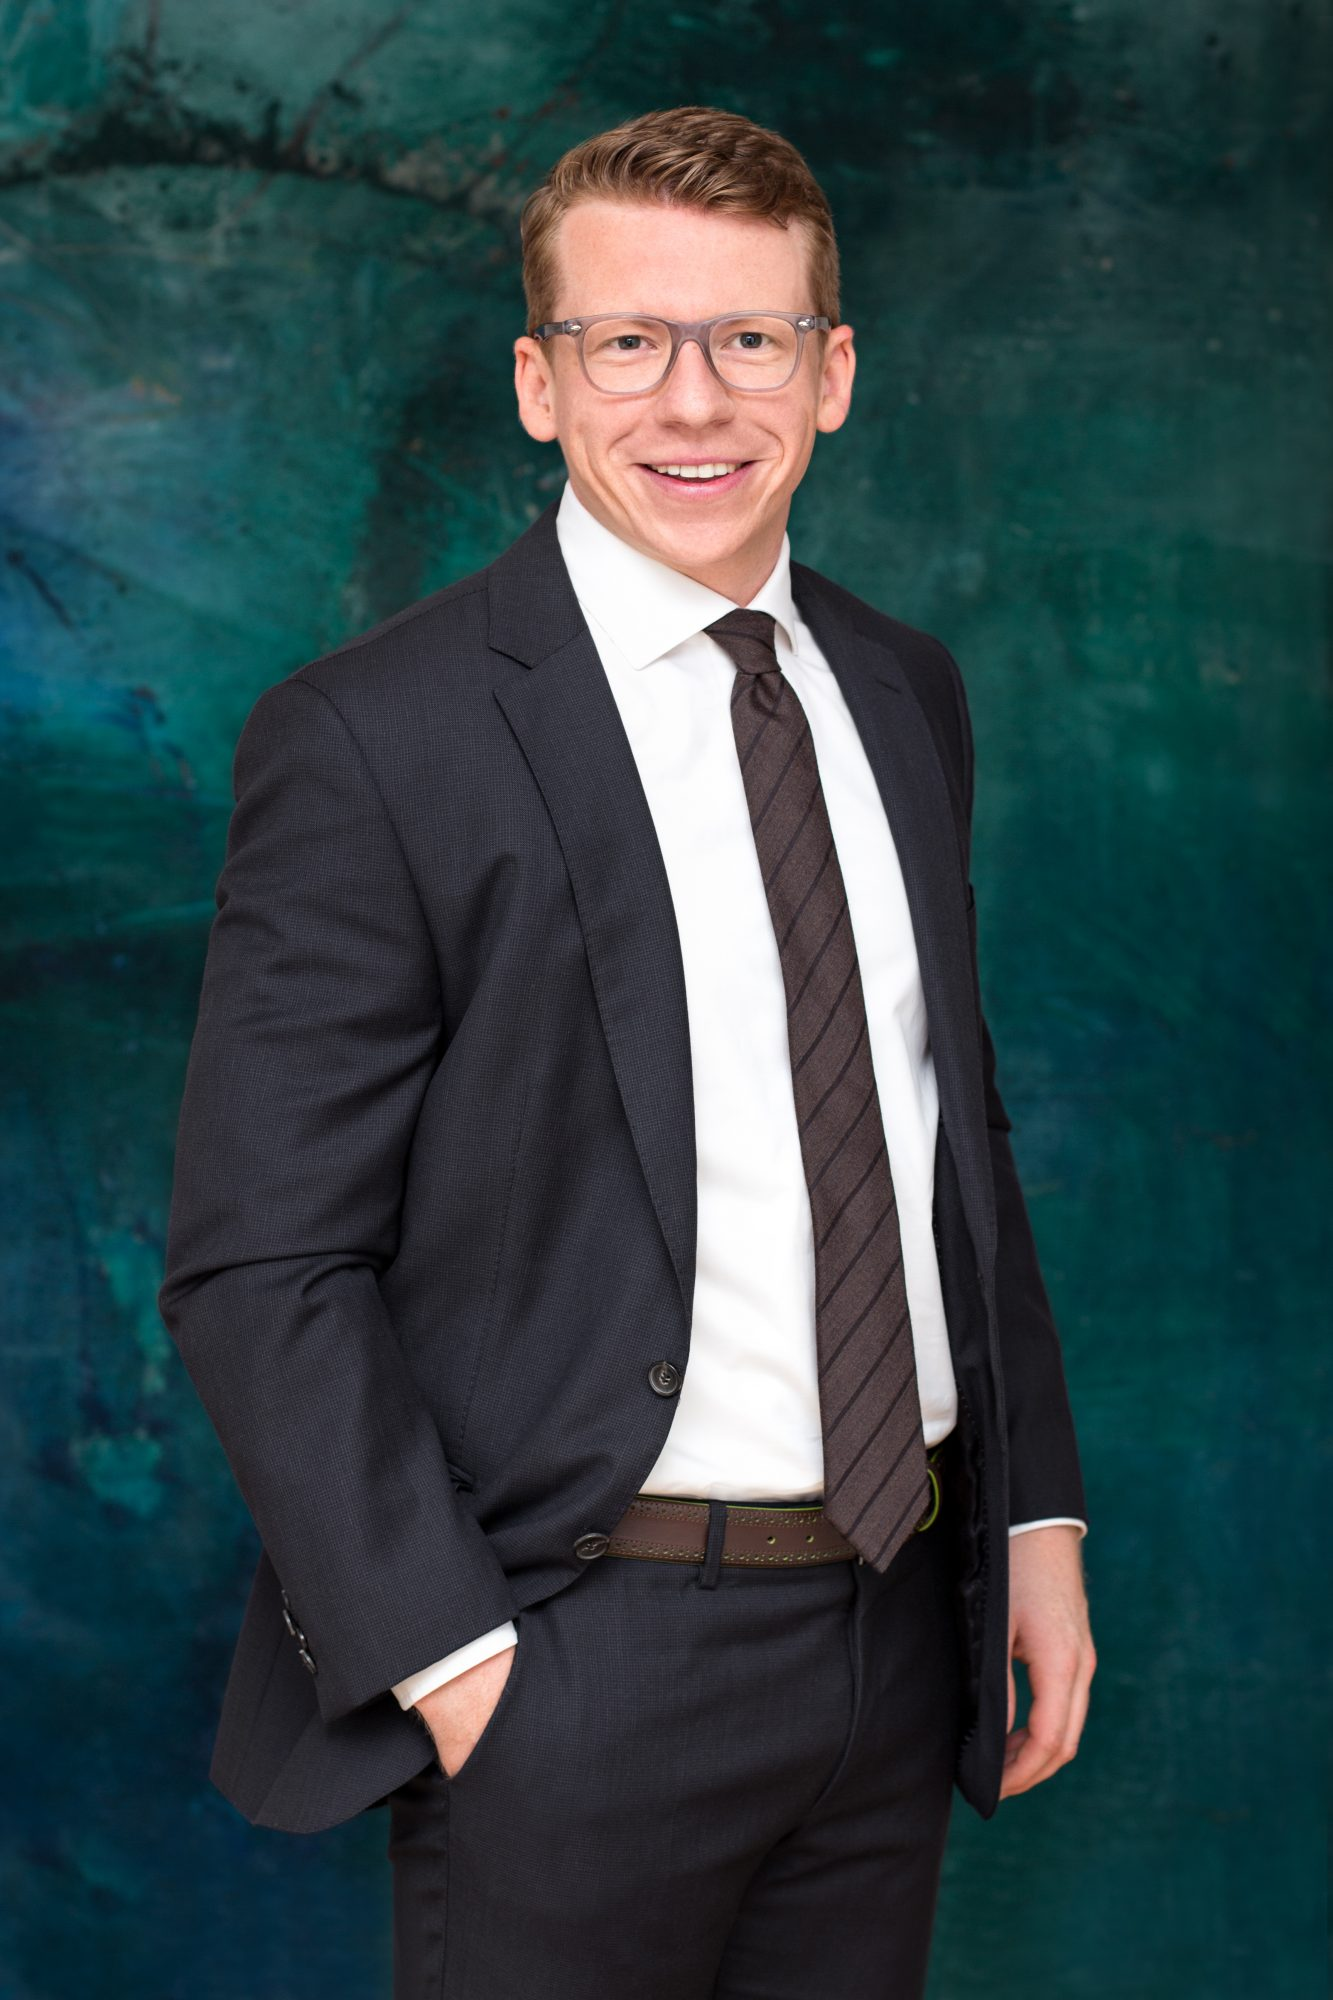 Fachberater BAV - Ronald Grobys - DUK Versorgungswerk e.V